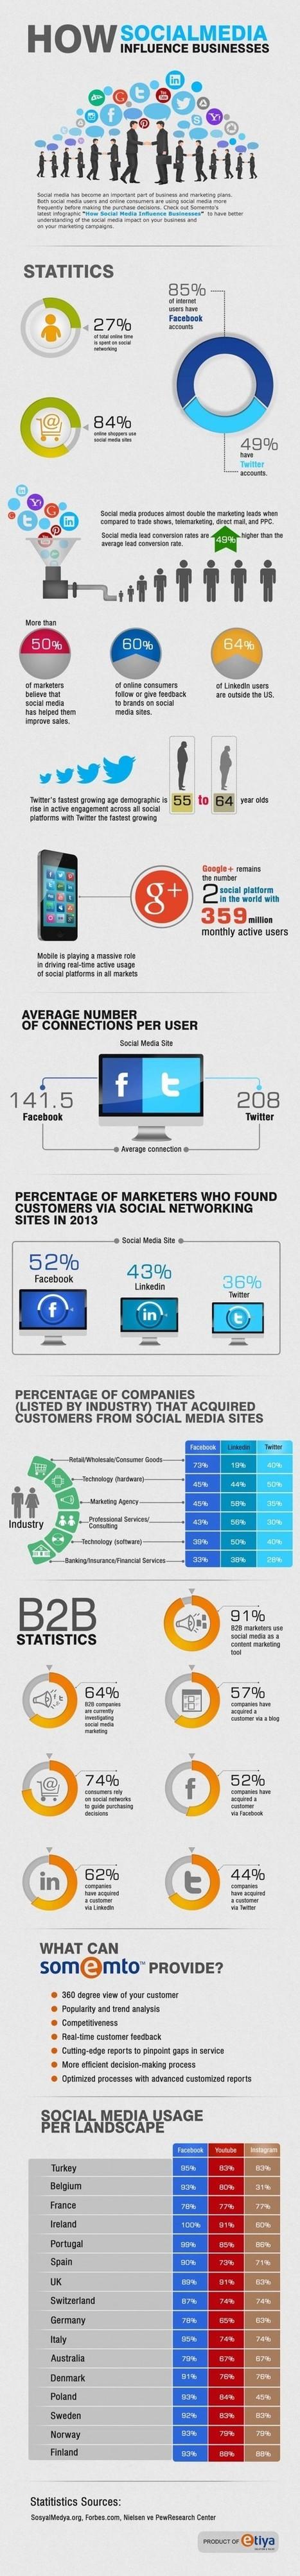 L'influence des médias sociaux sur les entreprises | Réseaux Sociaux - Social Media | Scoop.it